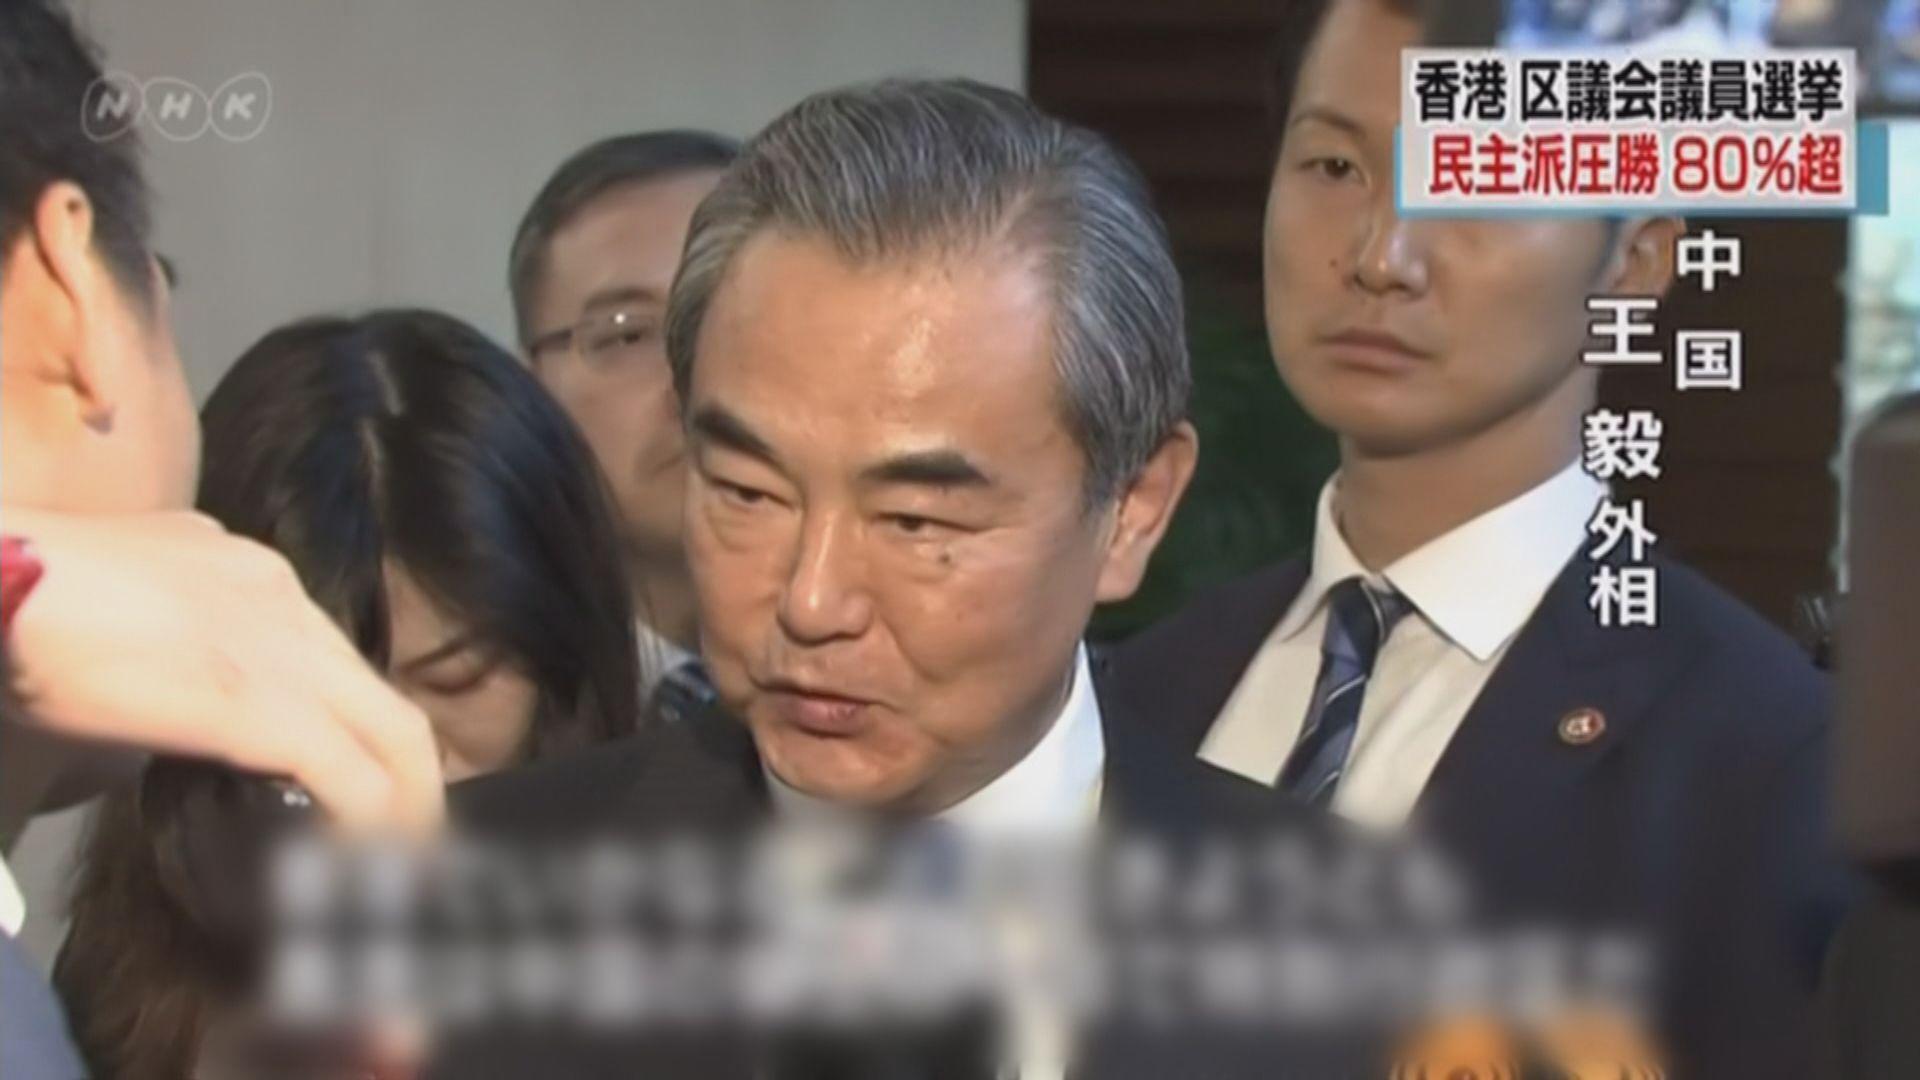 王毅:無論何事香港都是中國一部分